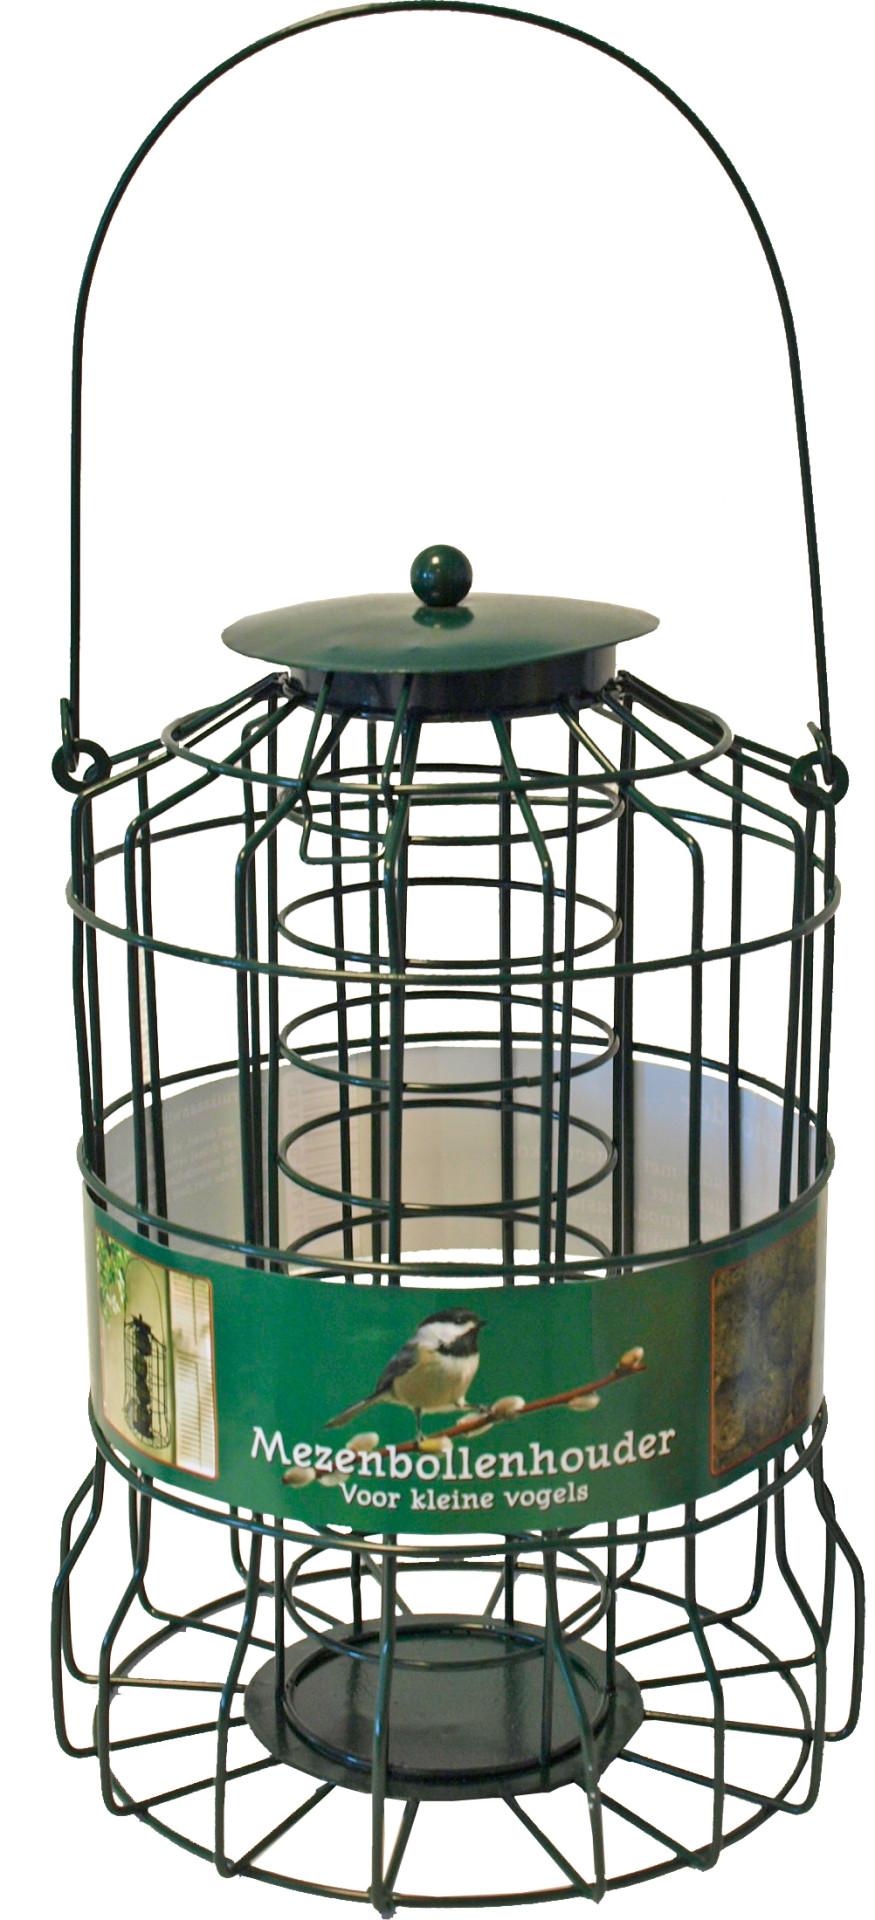 Mezenbolhouder voor kleine vogels metaal groen